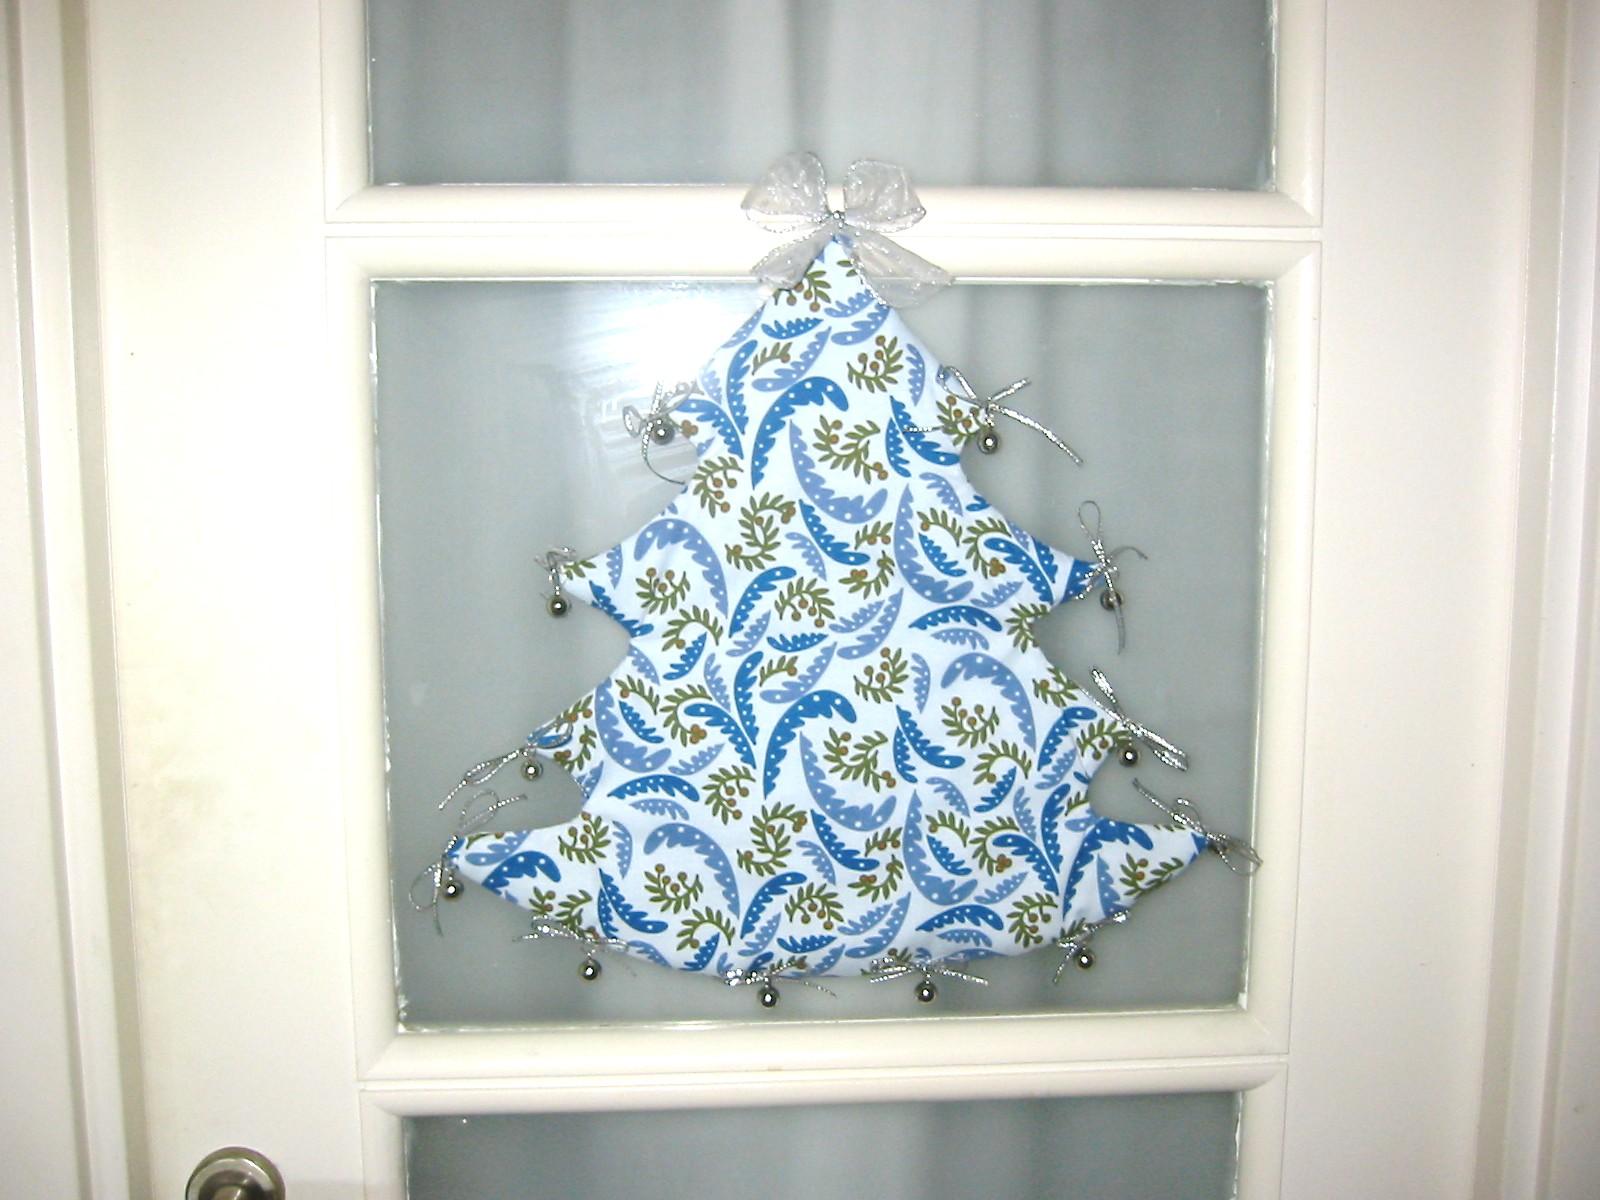 El recreo de aitana decoracion navide a en las puertas - Decoracion navidena puertas ...